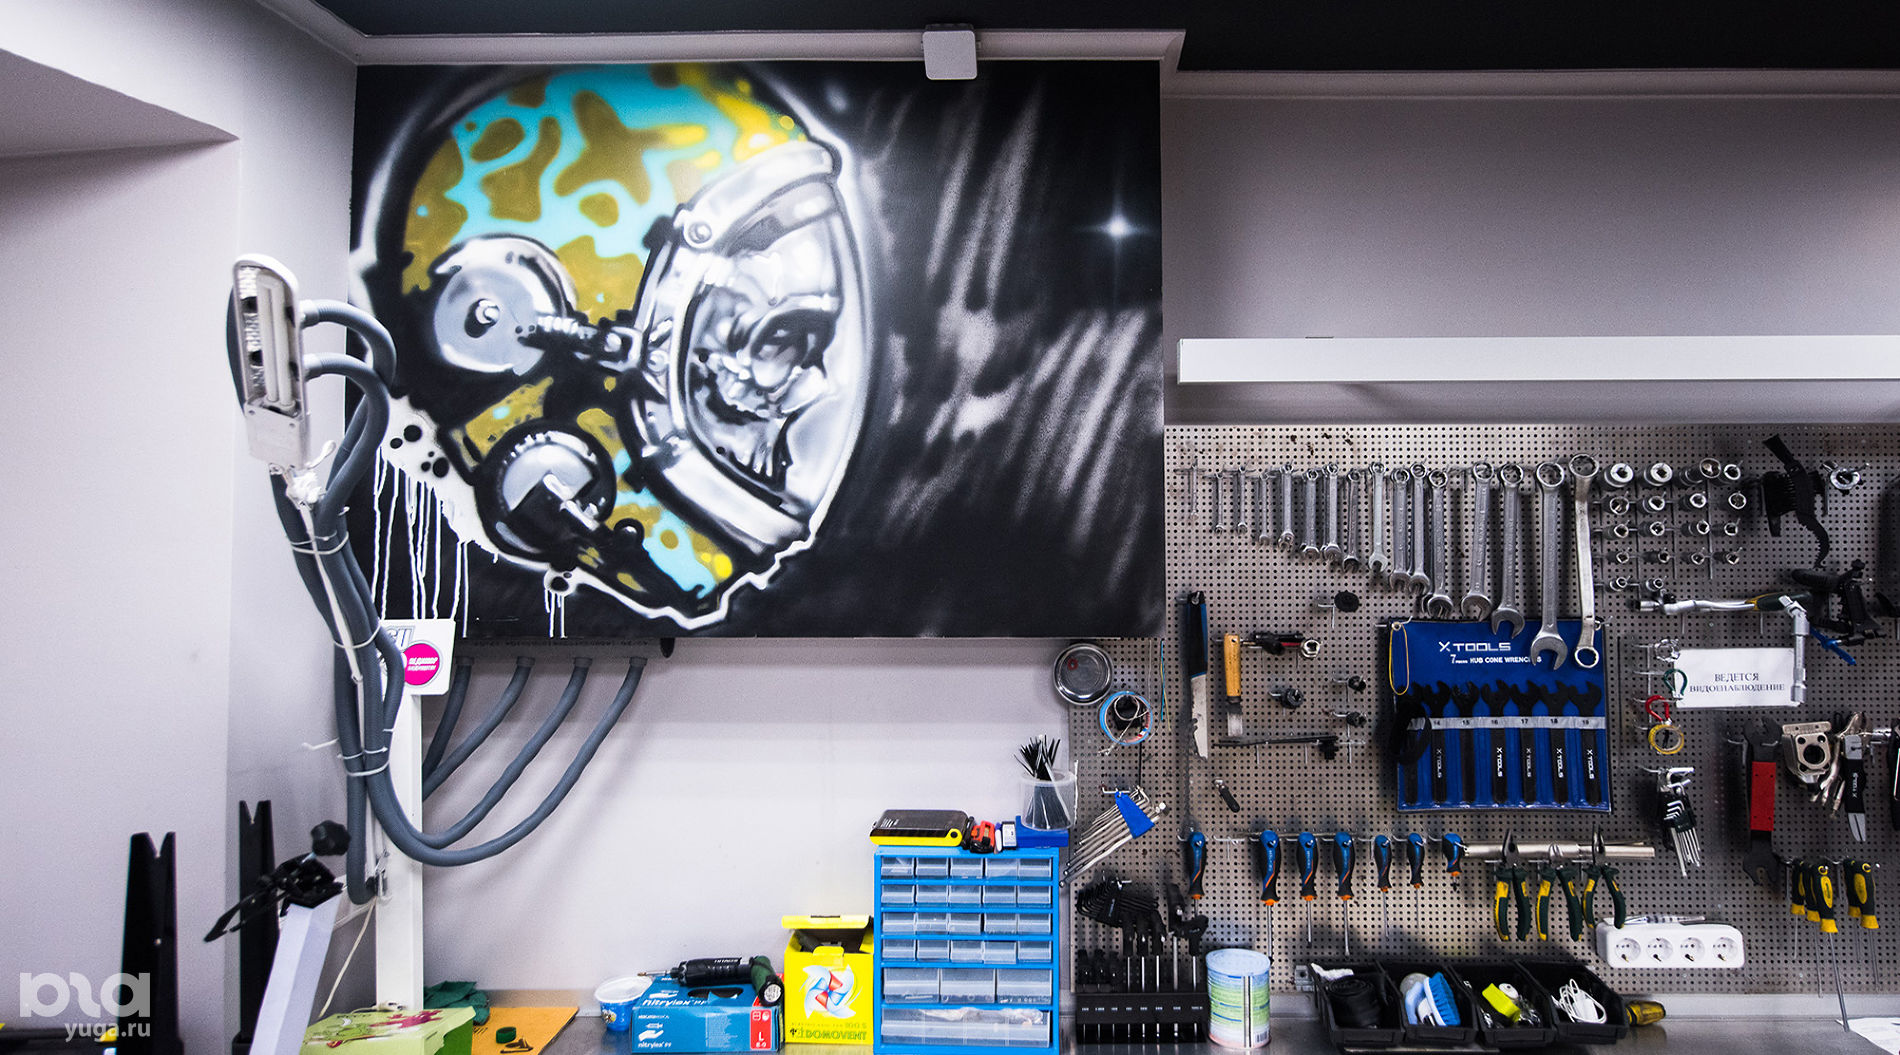 Холст Саши Maslo в магазине «Велоборд» ©Фото Елены Синеок, Юга.ру